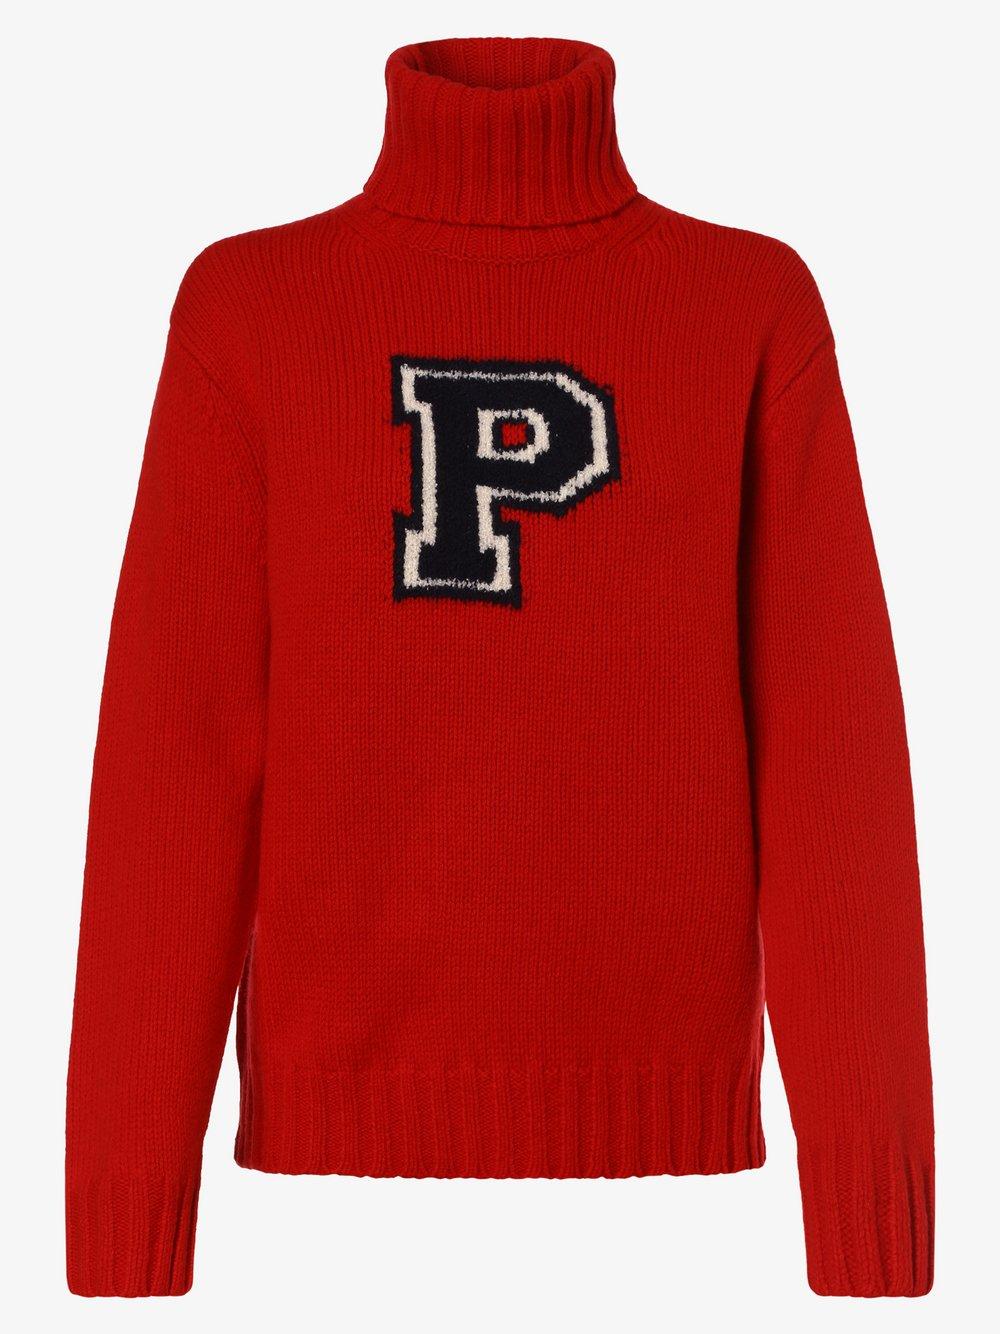 Polo Ralph Lauren - Sweter damski z dodatkiem kaszmiru, czerwony